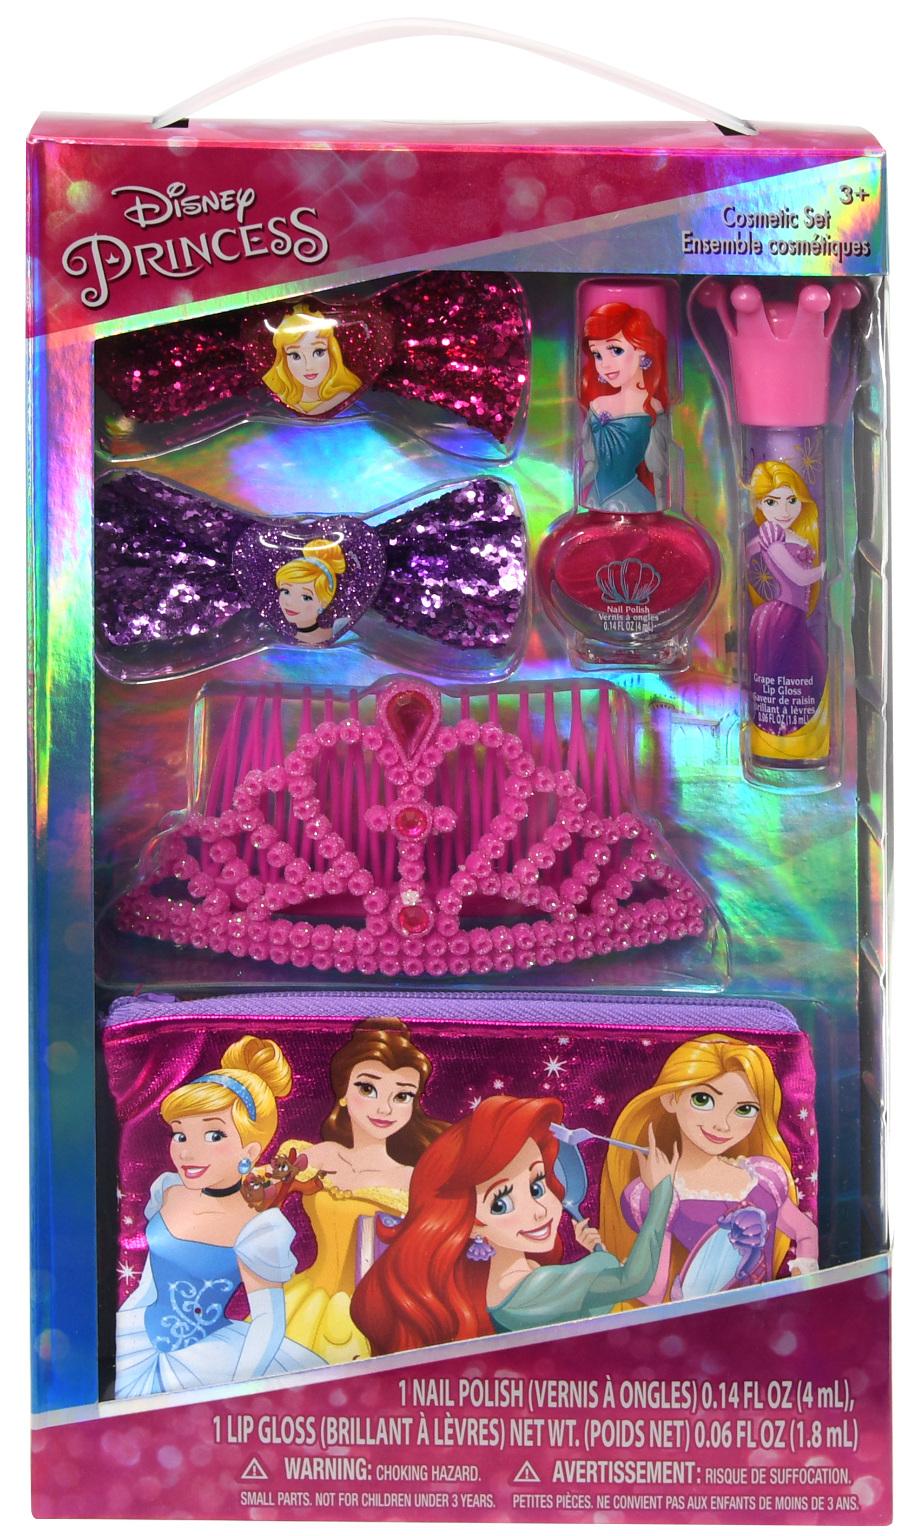 Disney Princess Cosmetic Set With Tiara [2336774]